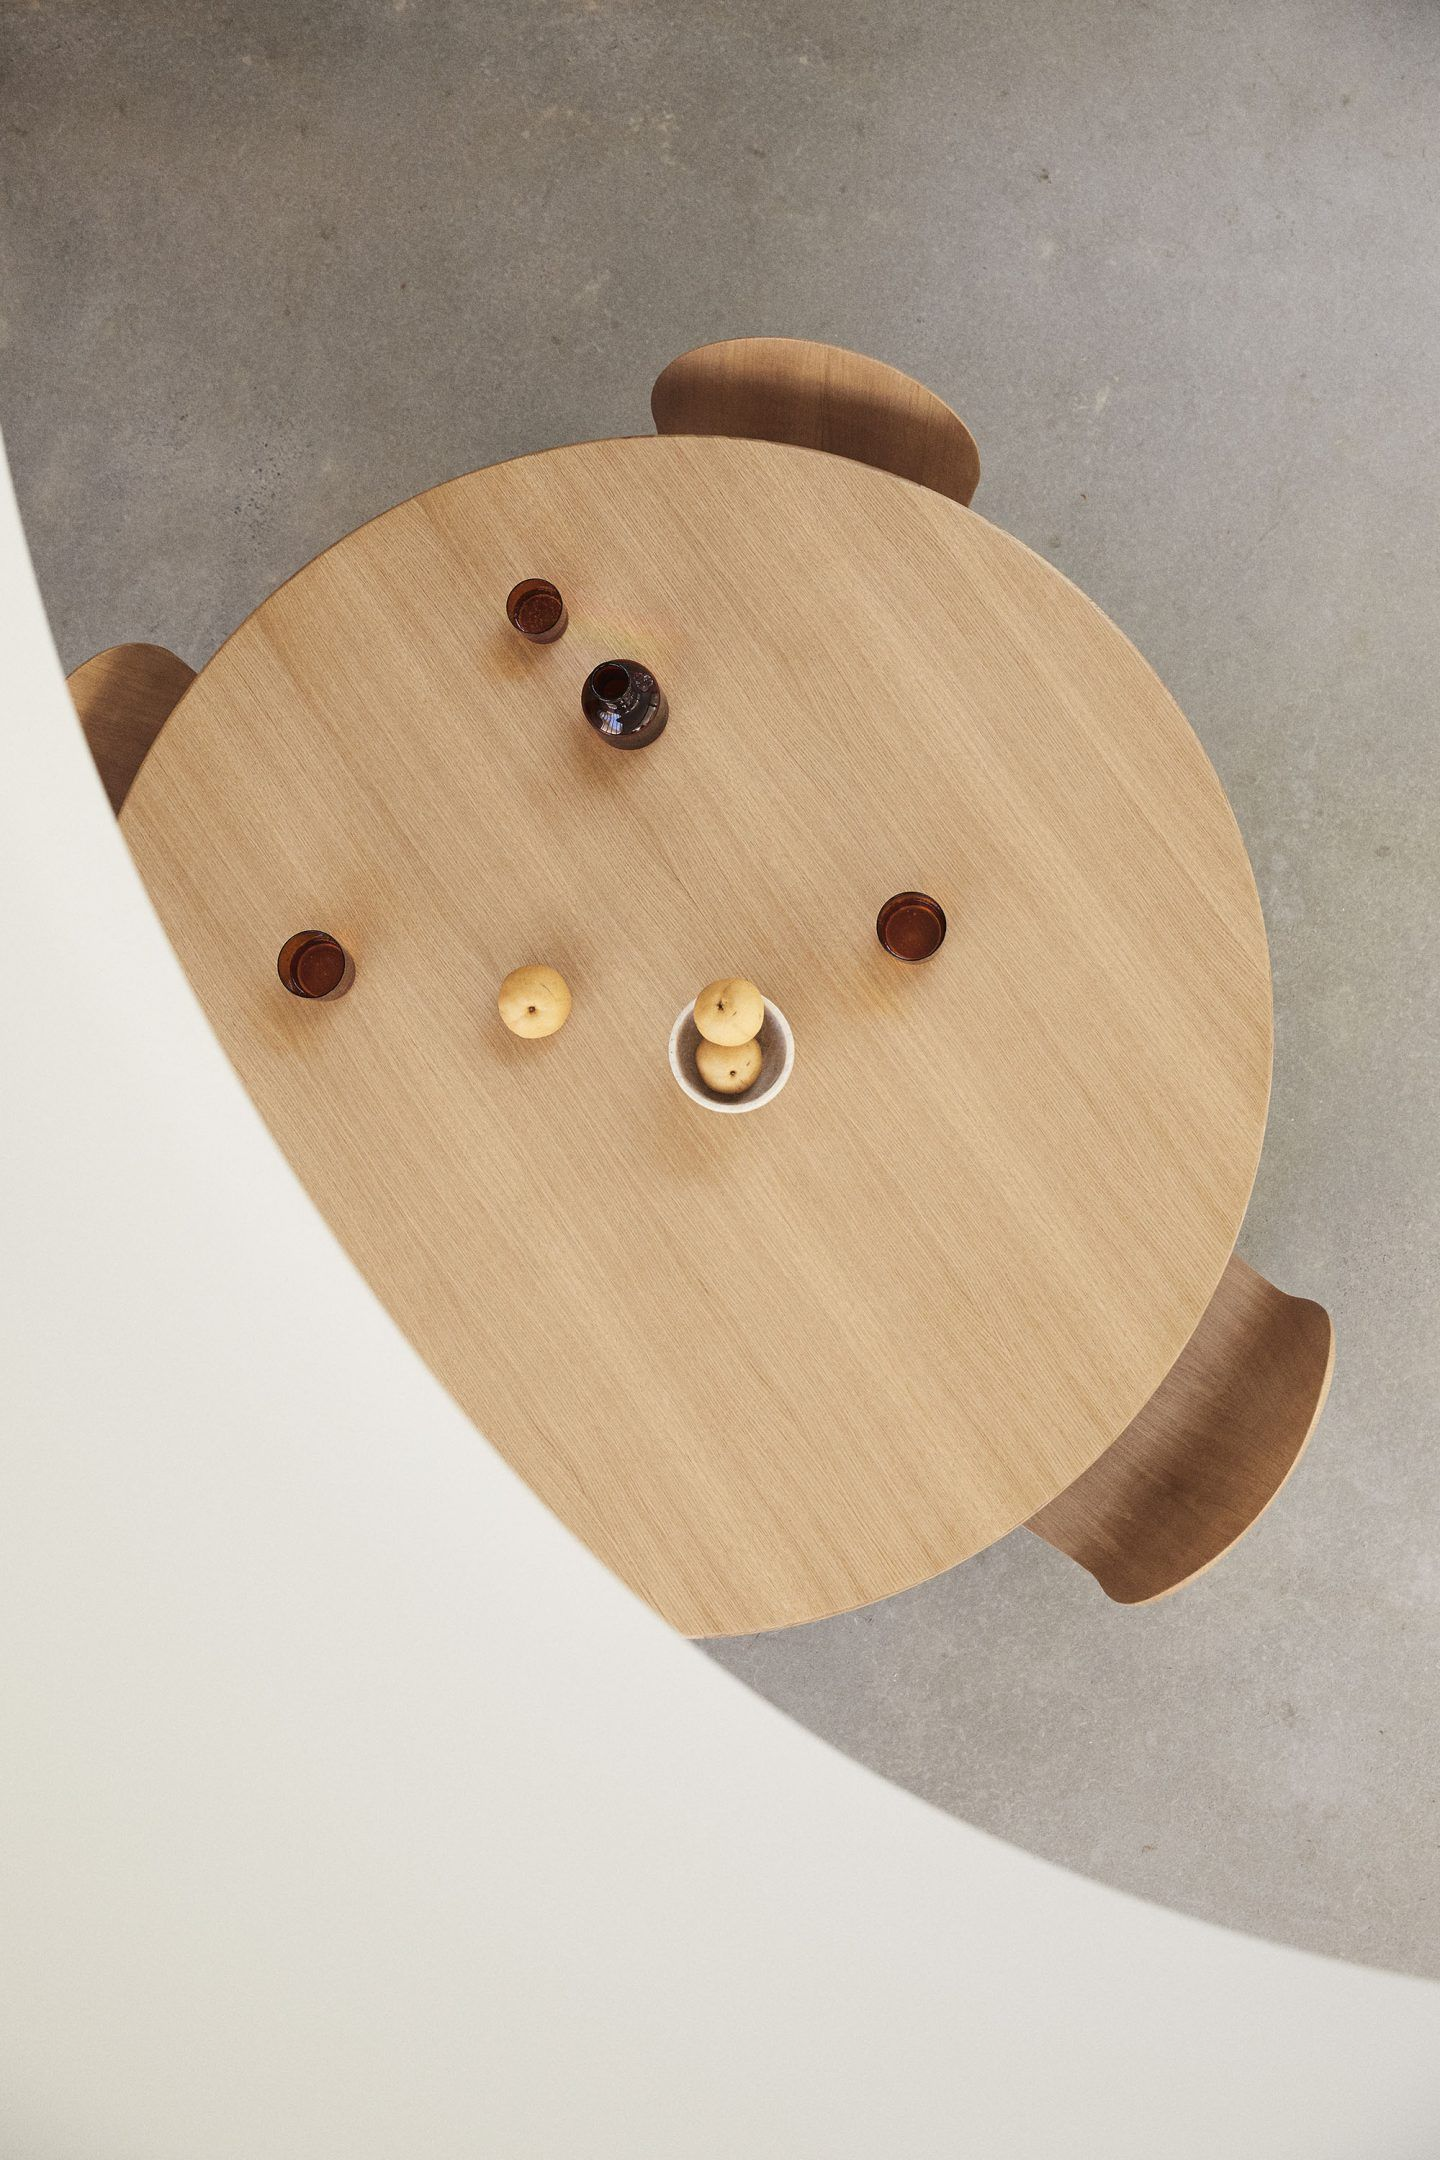 IGNANT-Design-Sarah-Ellison-Sol-09